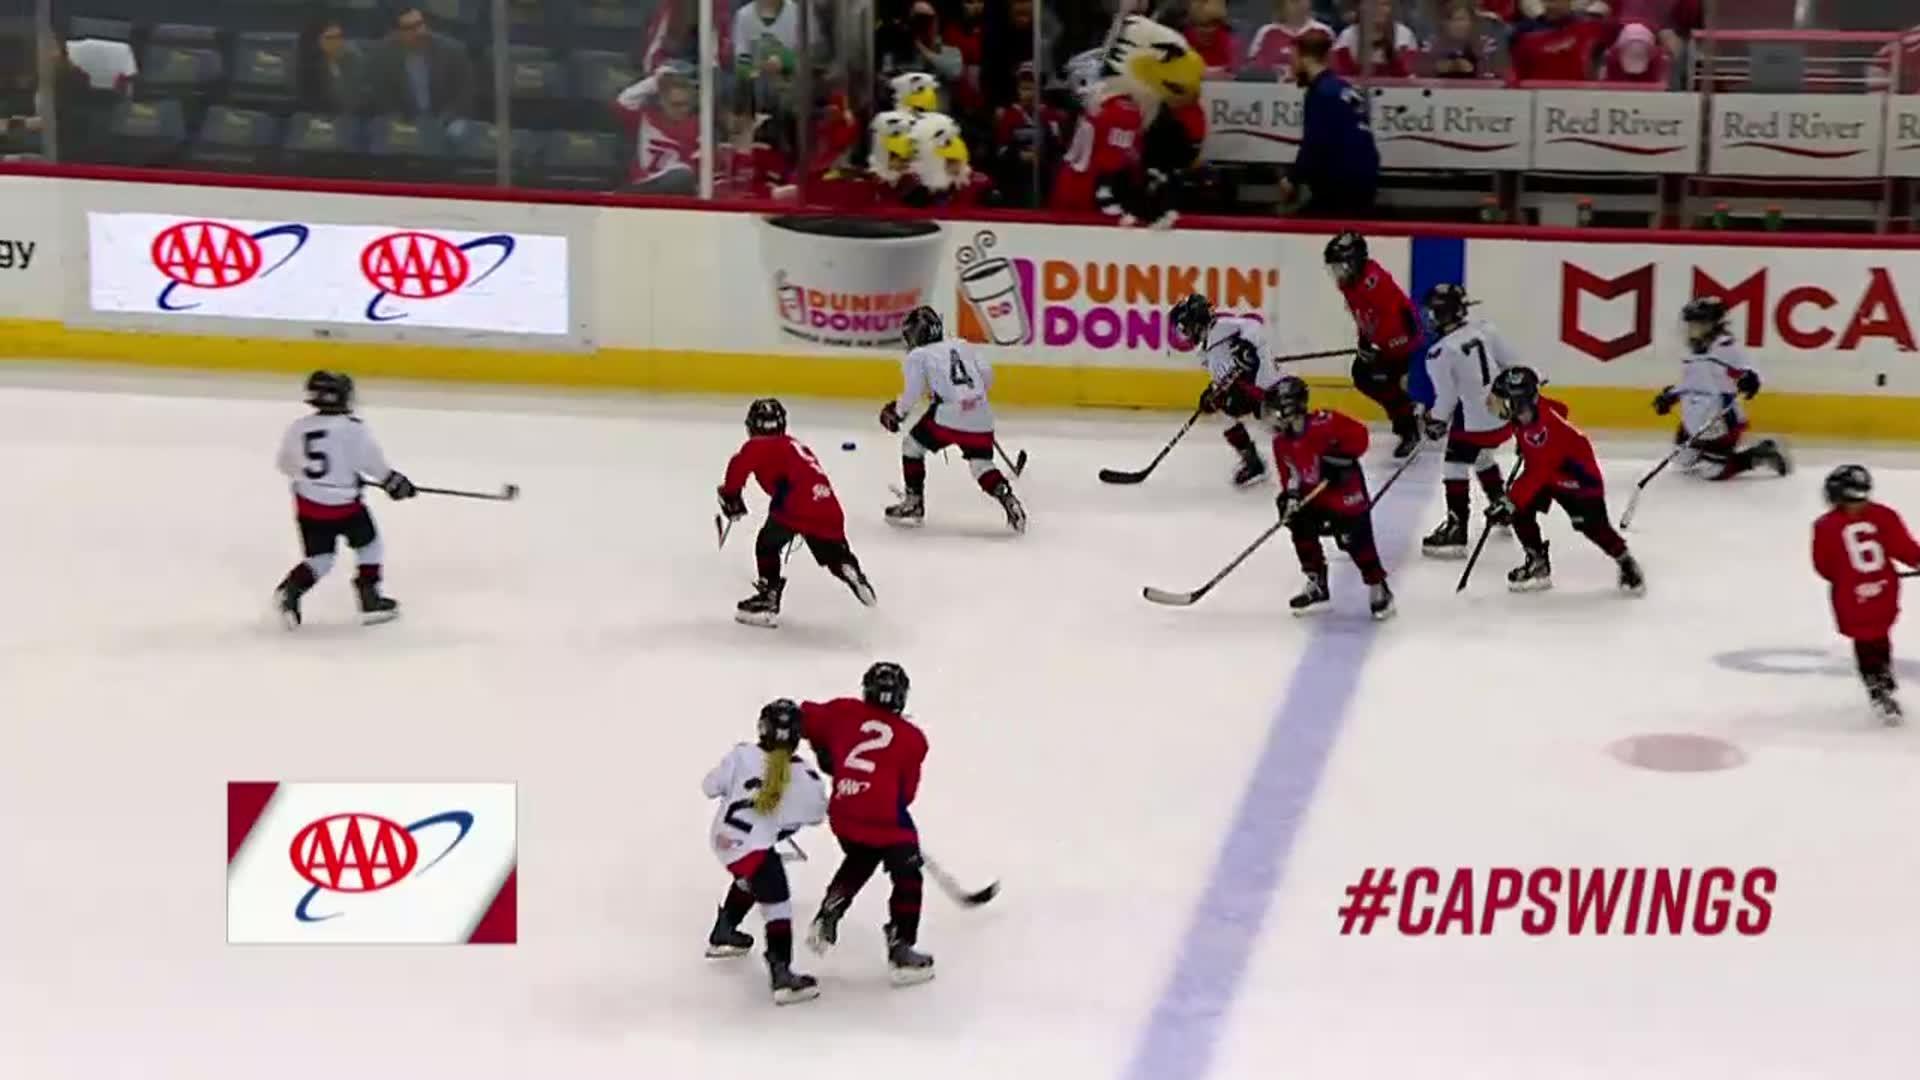 #CapsWings Mites on Ice 2/11/18